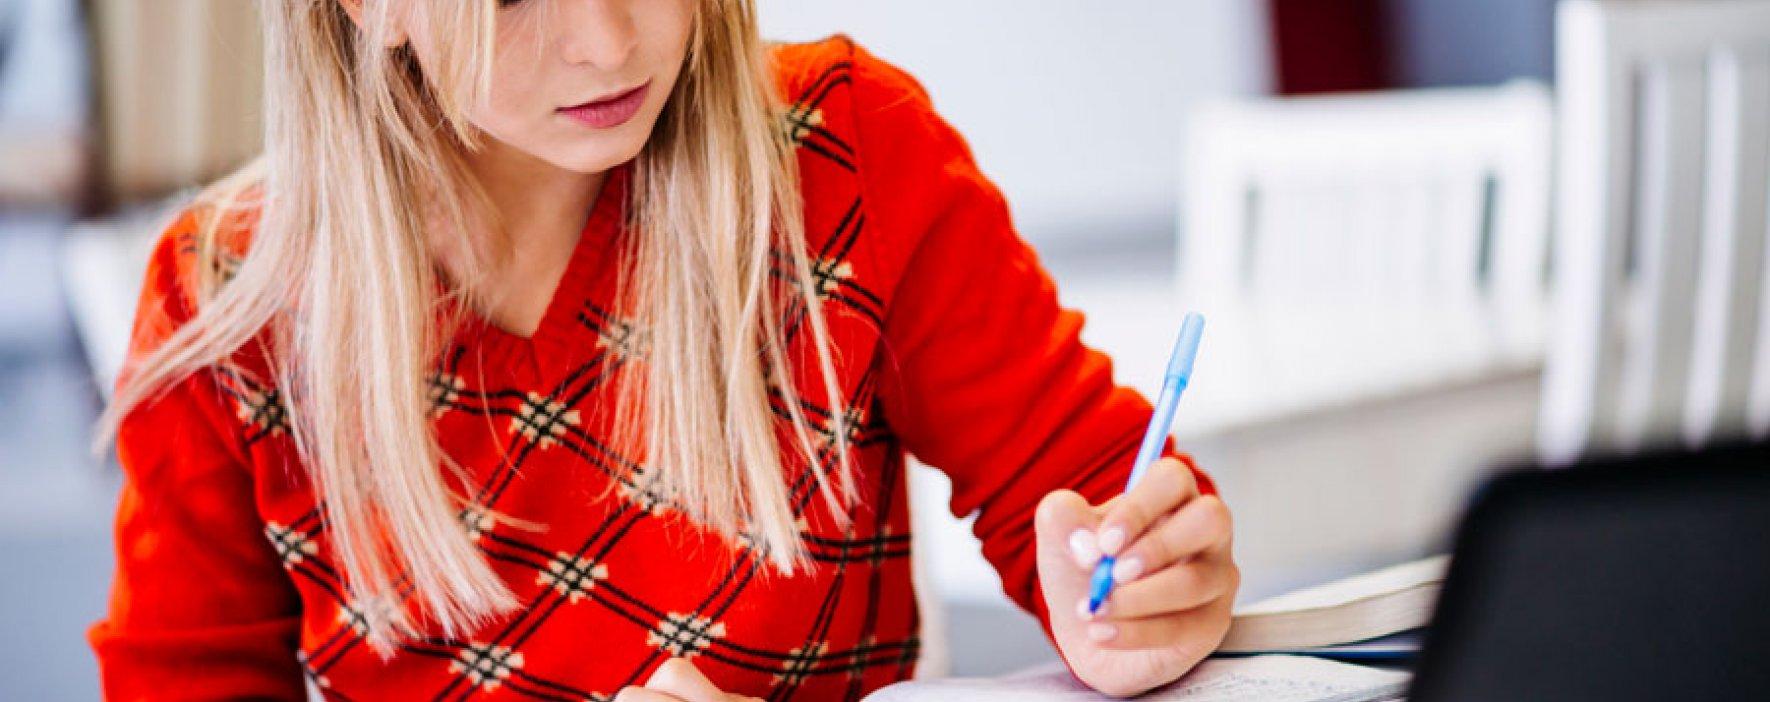 ¿Quiere estudiar? Abren inscripciones para financiar posgrados en el exterior